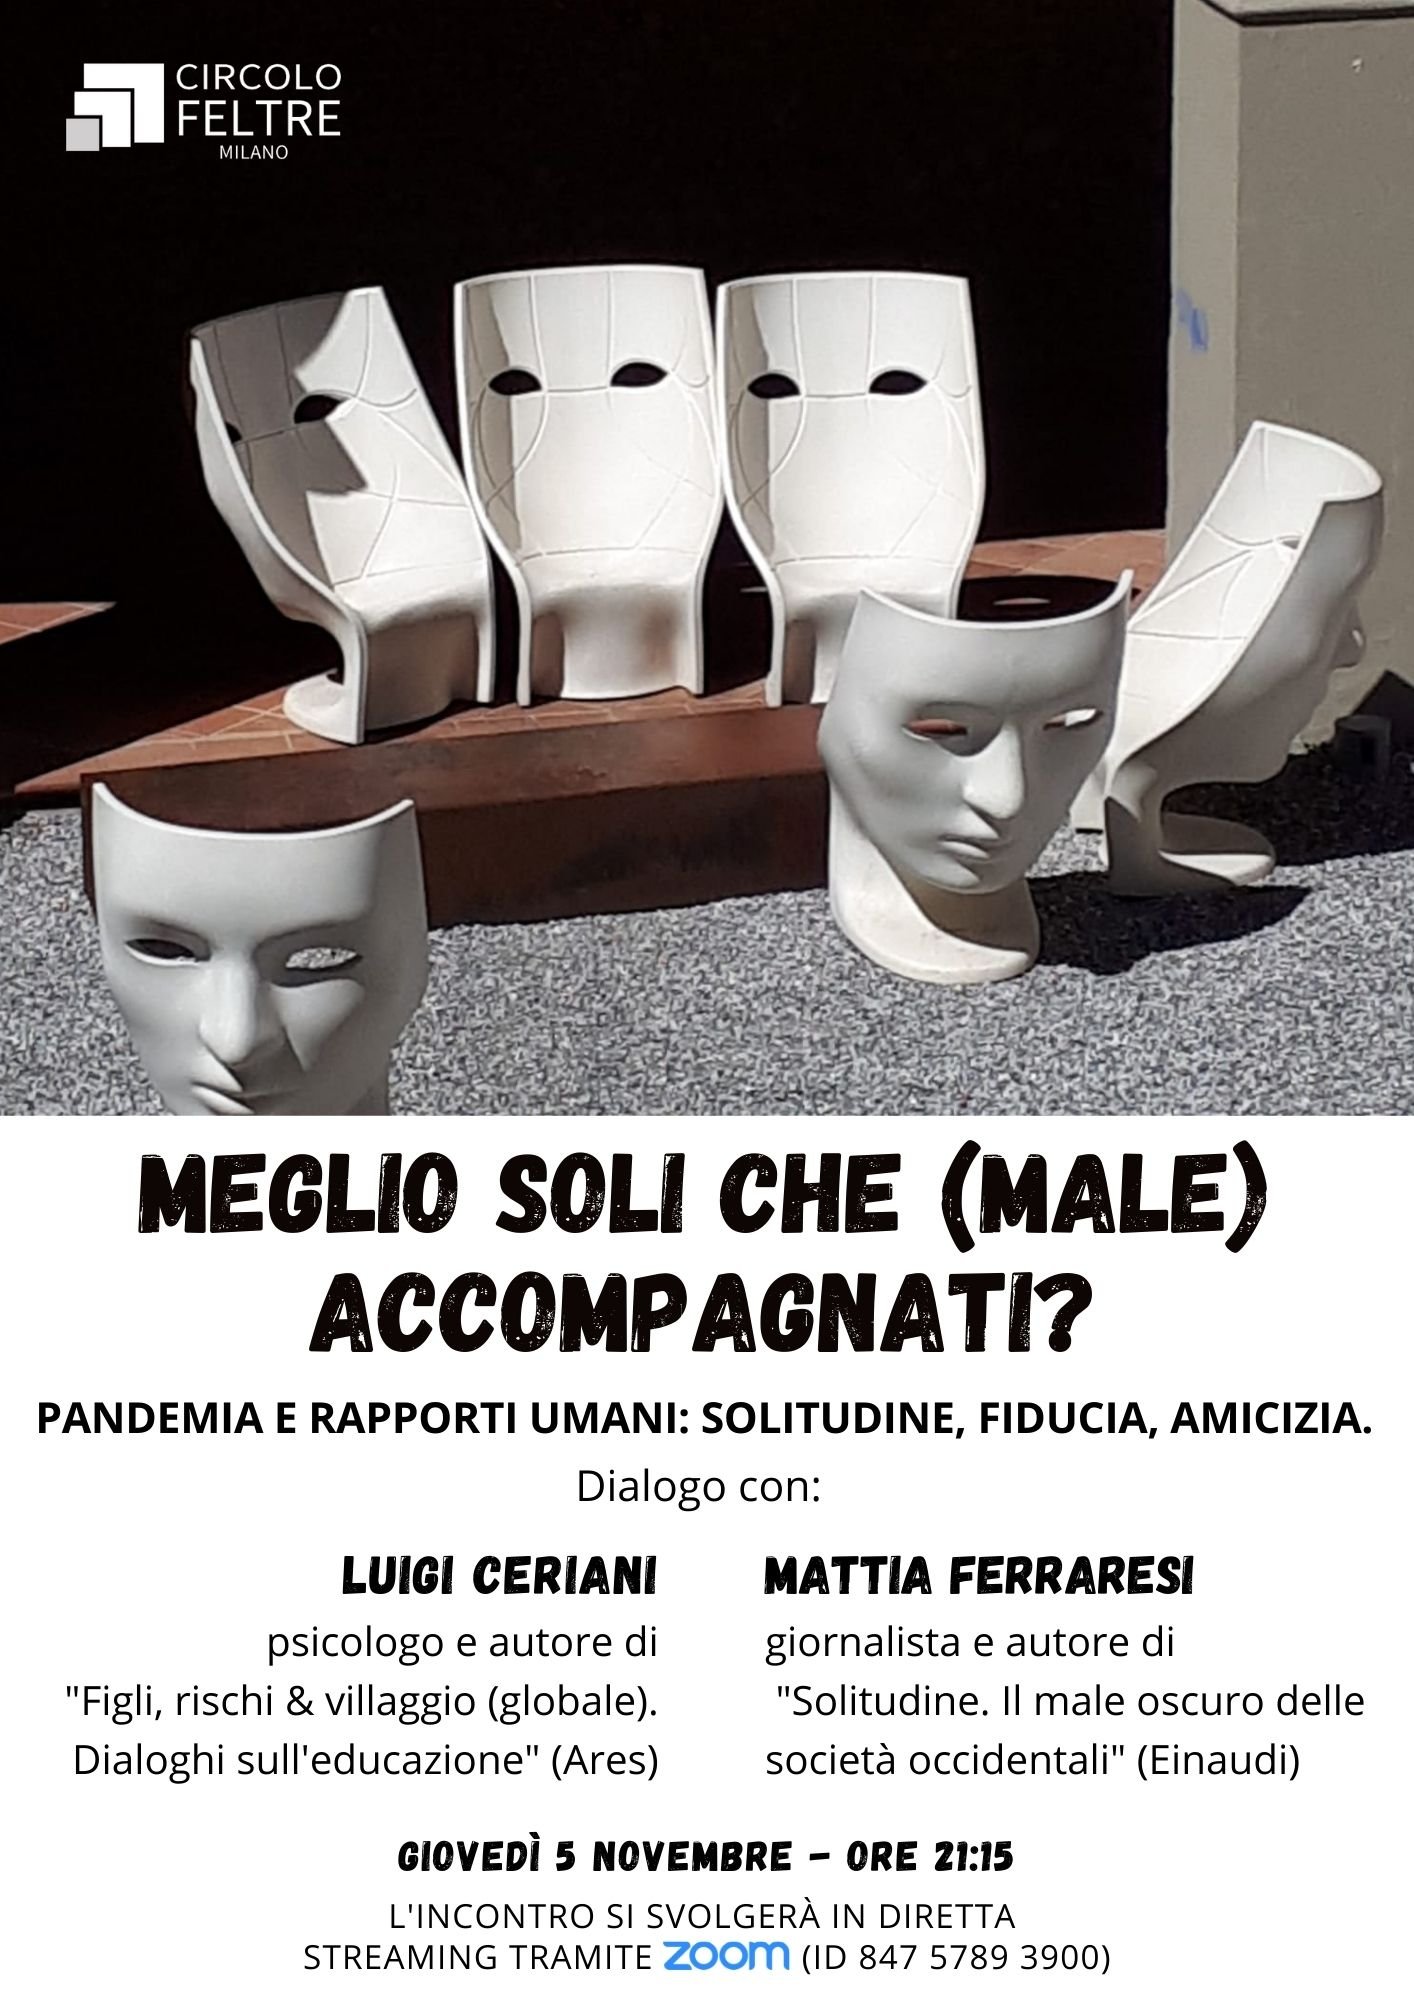 MEGLIO SOLI CHE (MALE) ACCOMPAGNATI_ (1)